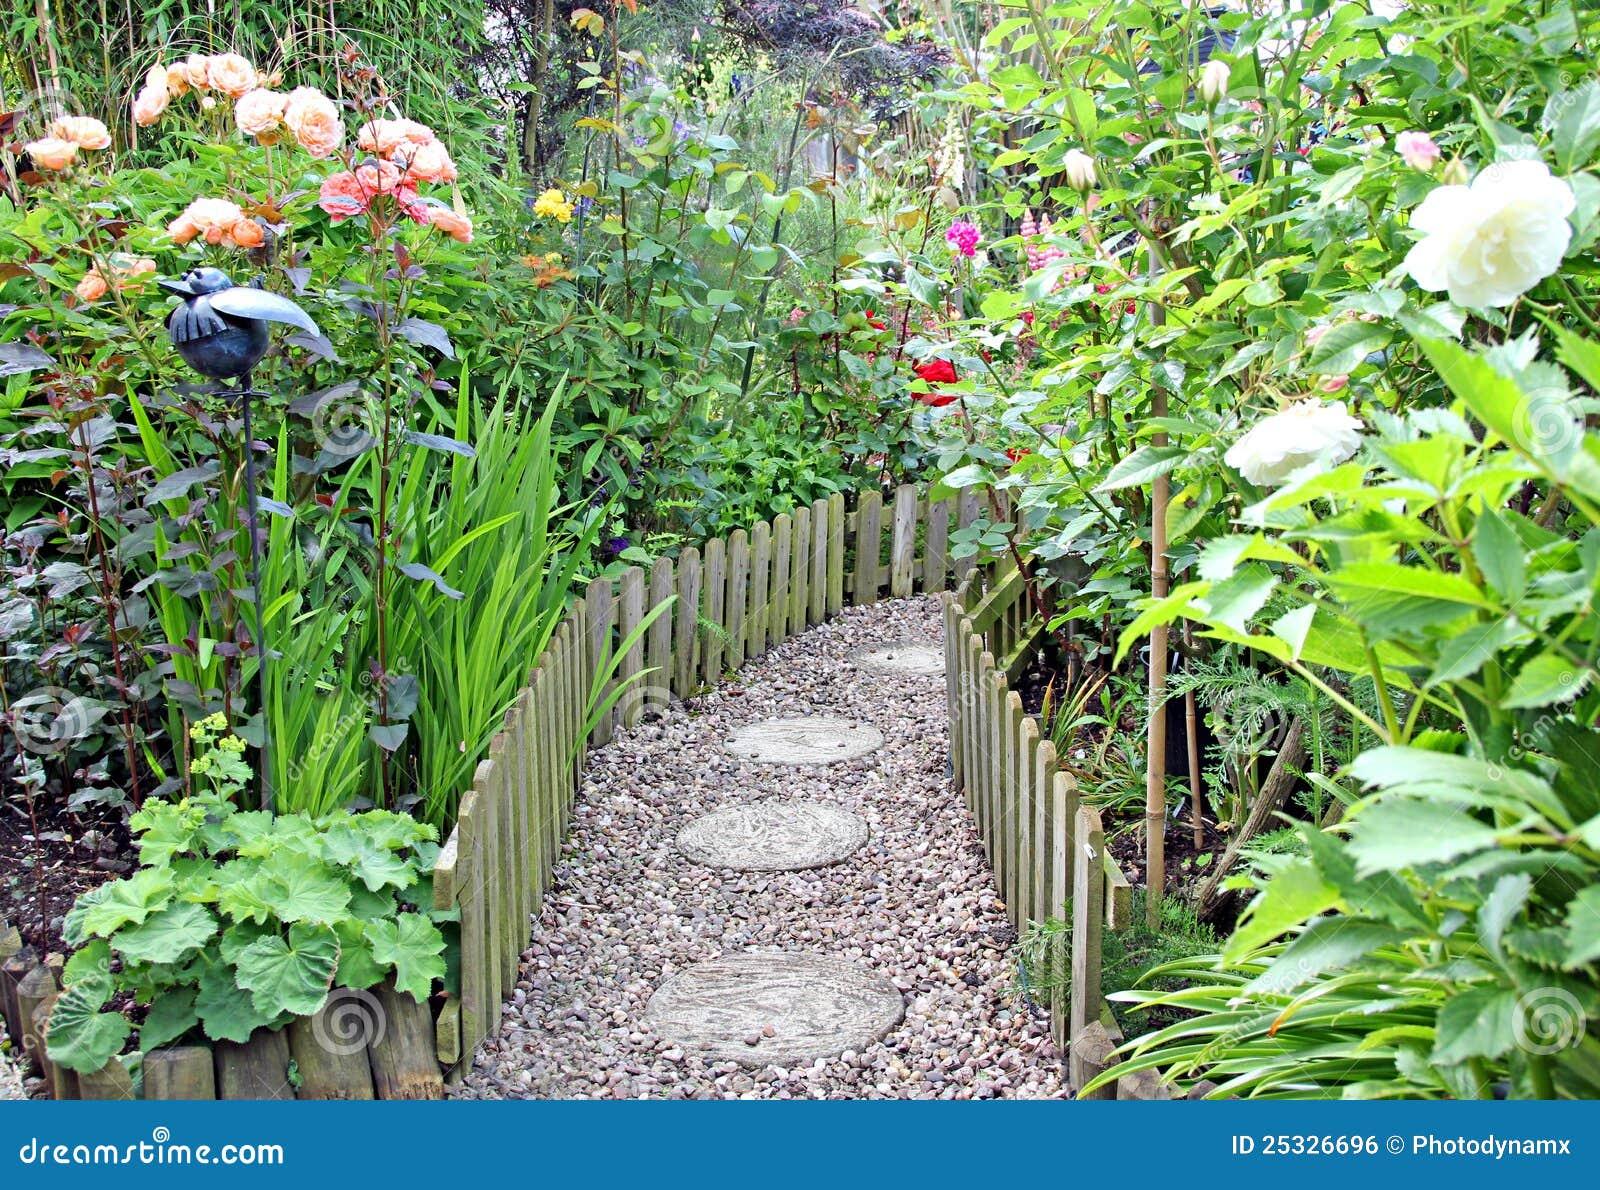 Charmant Secret Garden Path